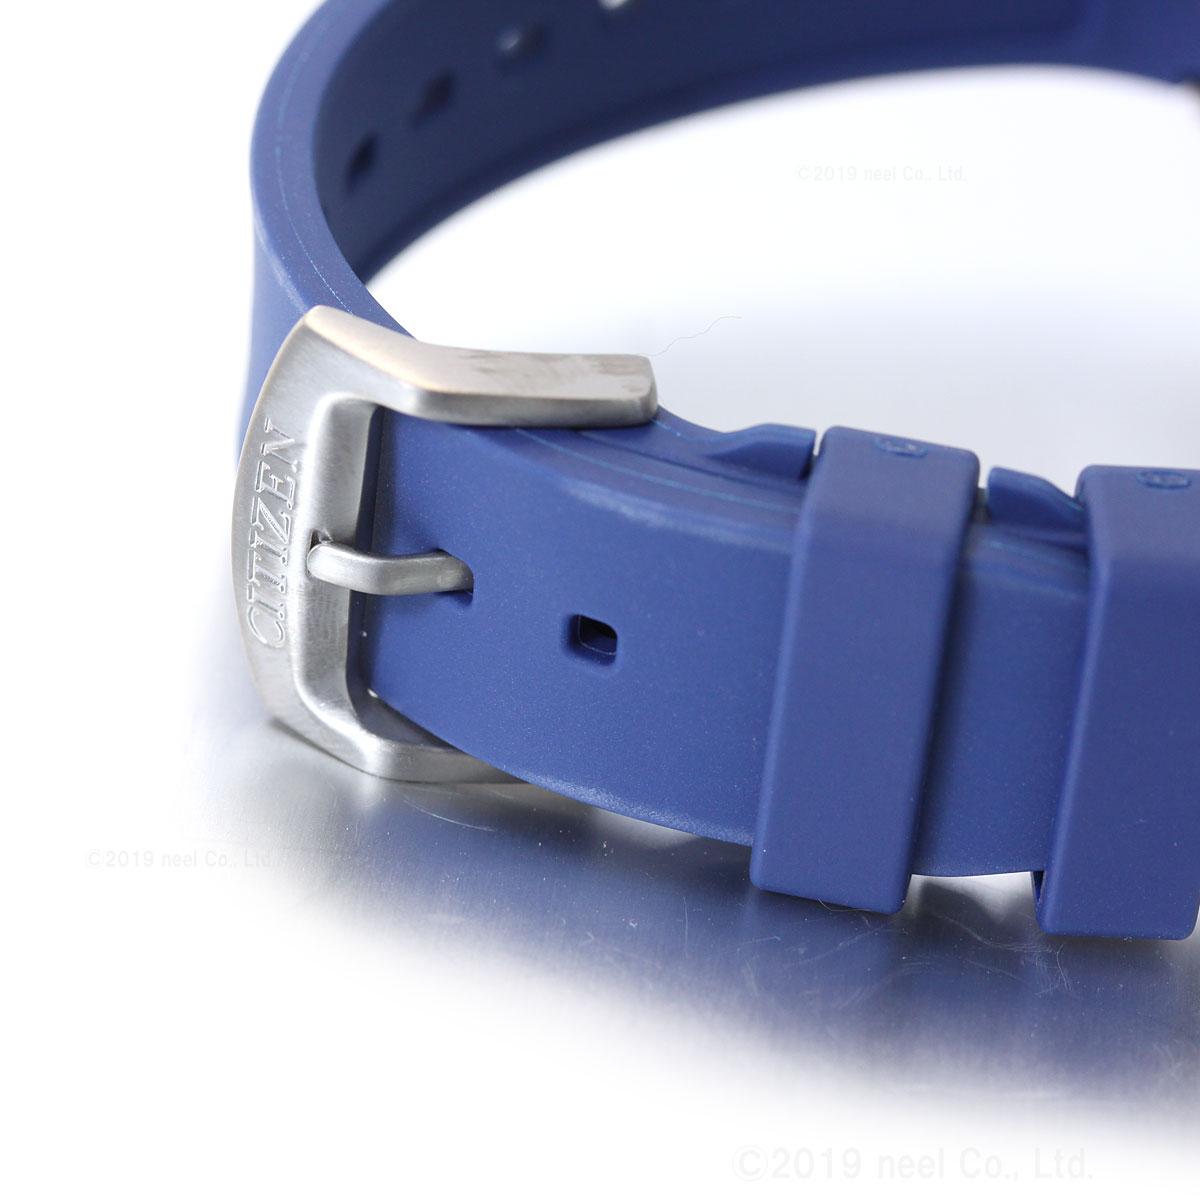 シチズン エコドライブ Bluetooth スマートウォッチ メンズ レディース 腕時計 ブルートゥース 大坂なおみグランドスラム試合着用モデル CITIZEN BZ4000-07L